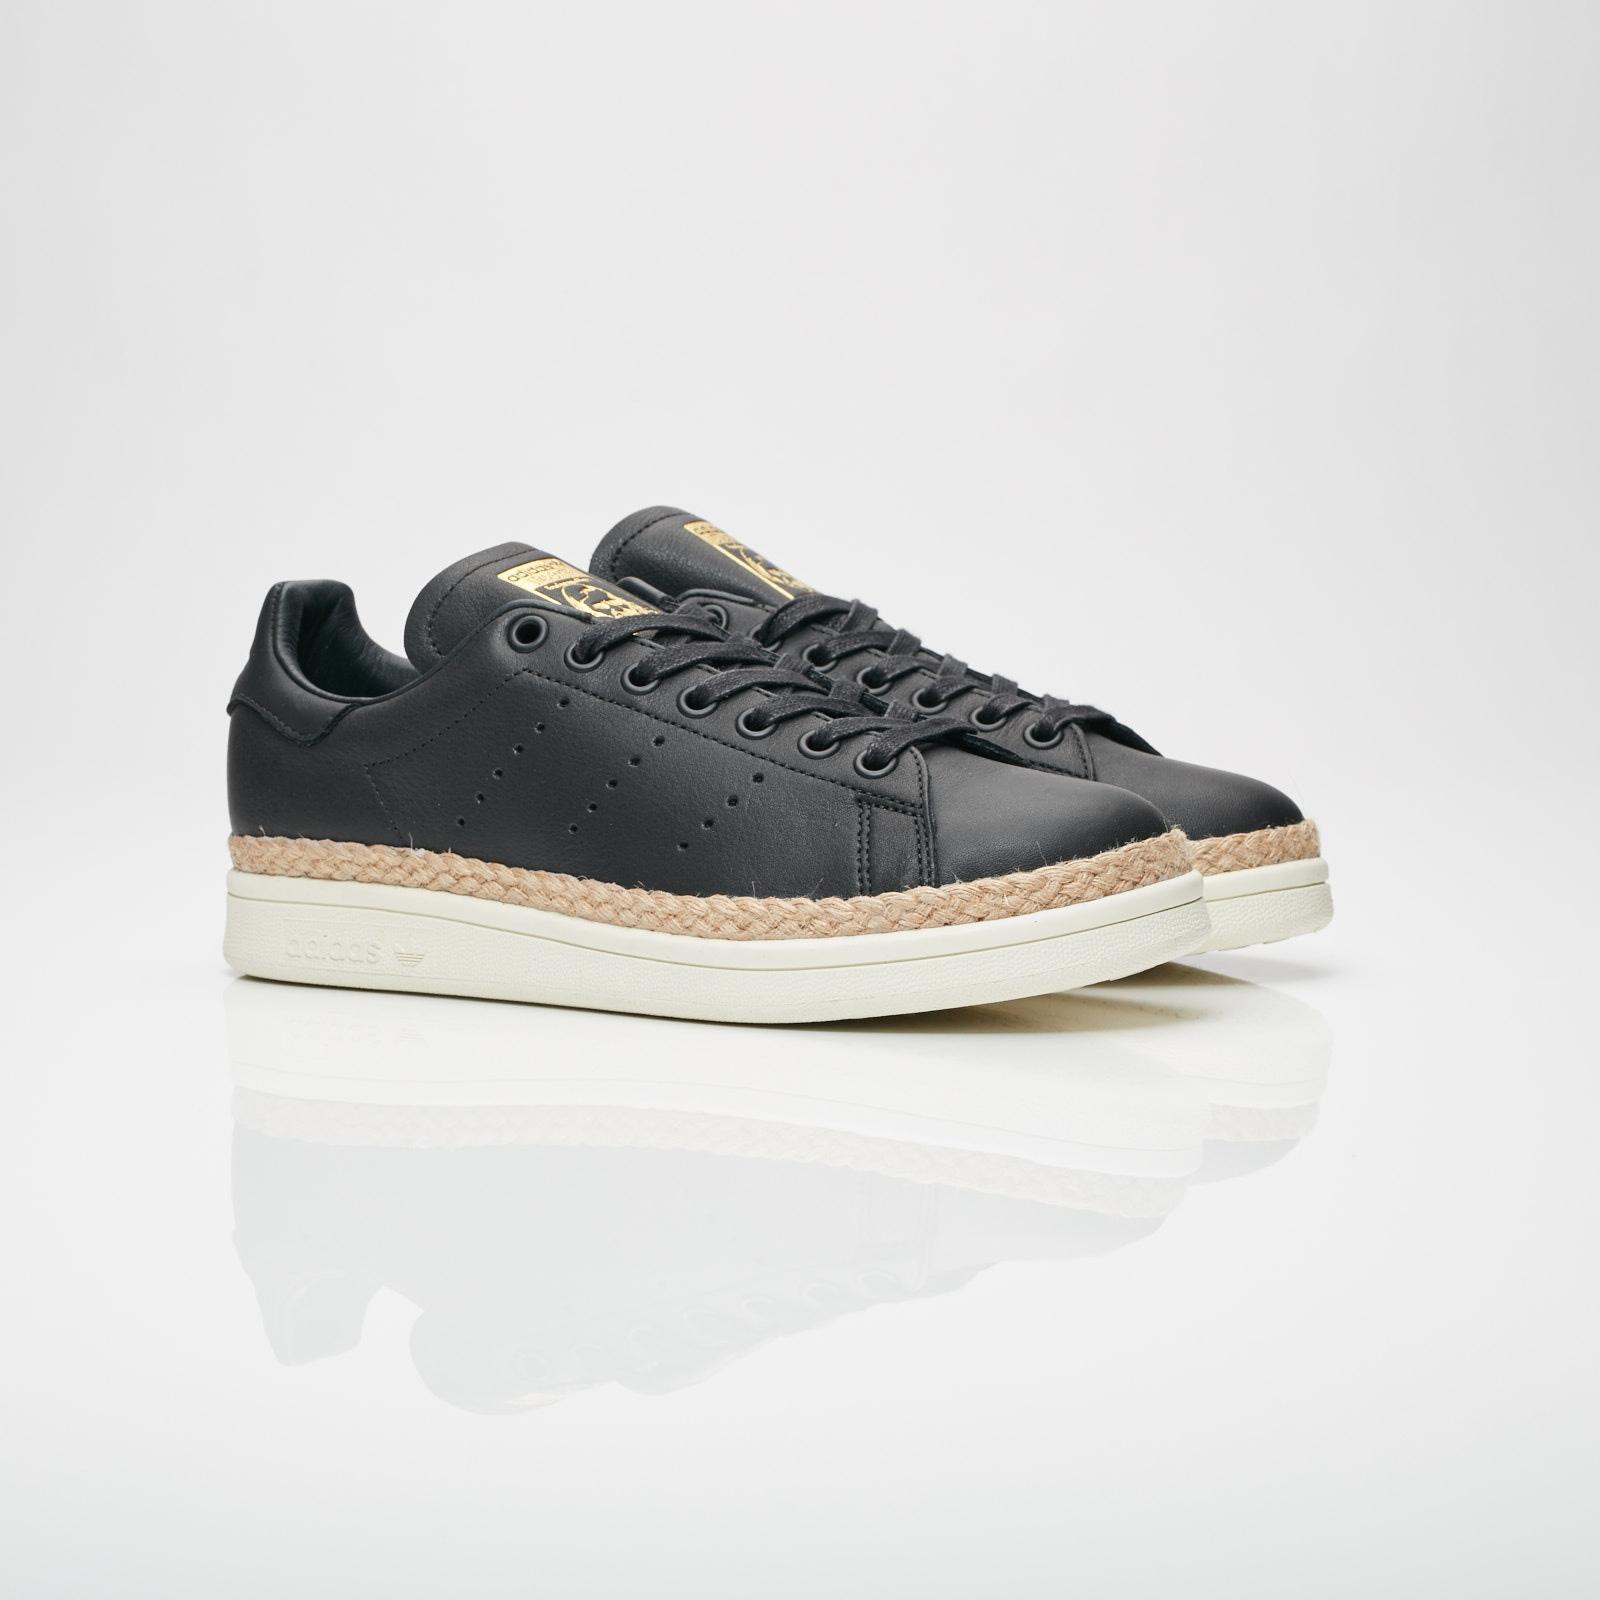 DA9536 Adidas Originals Stan Smith New Bold Women Shoes